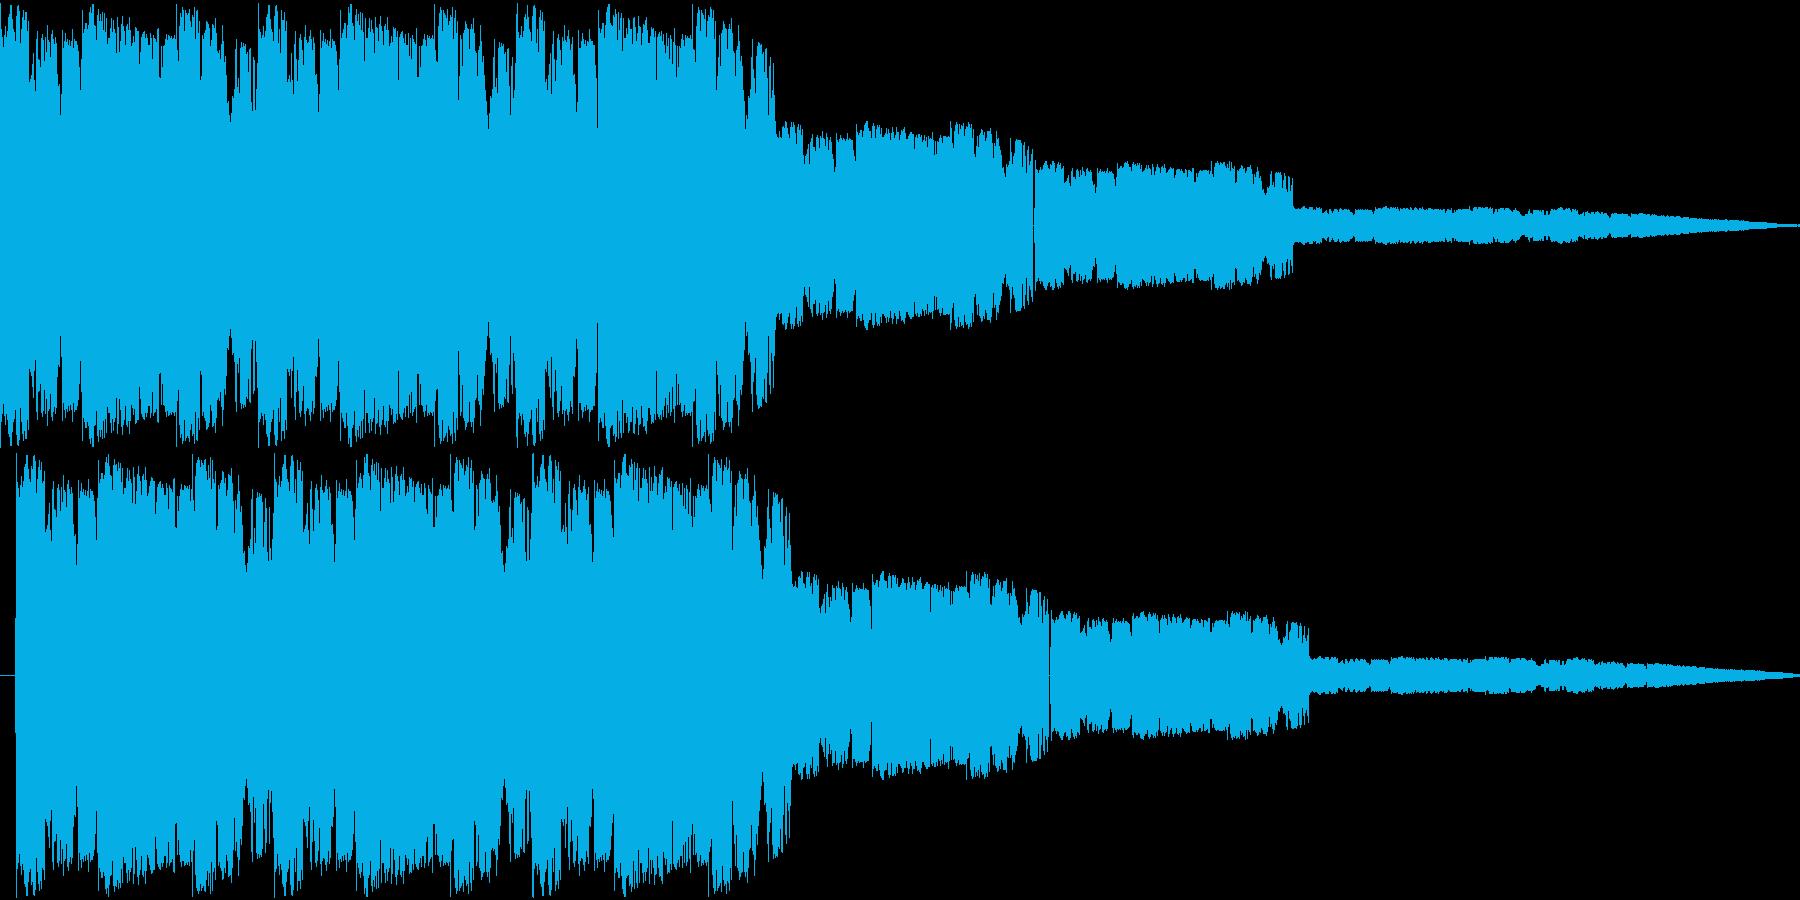 ピロピロ(遊技機 警告 上乗せ)の再生済みの波形